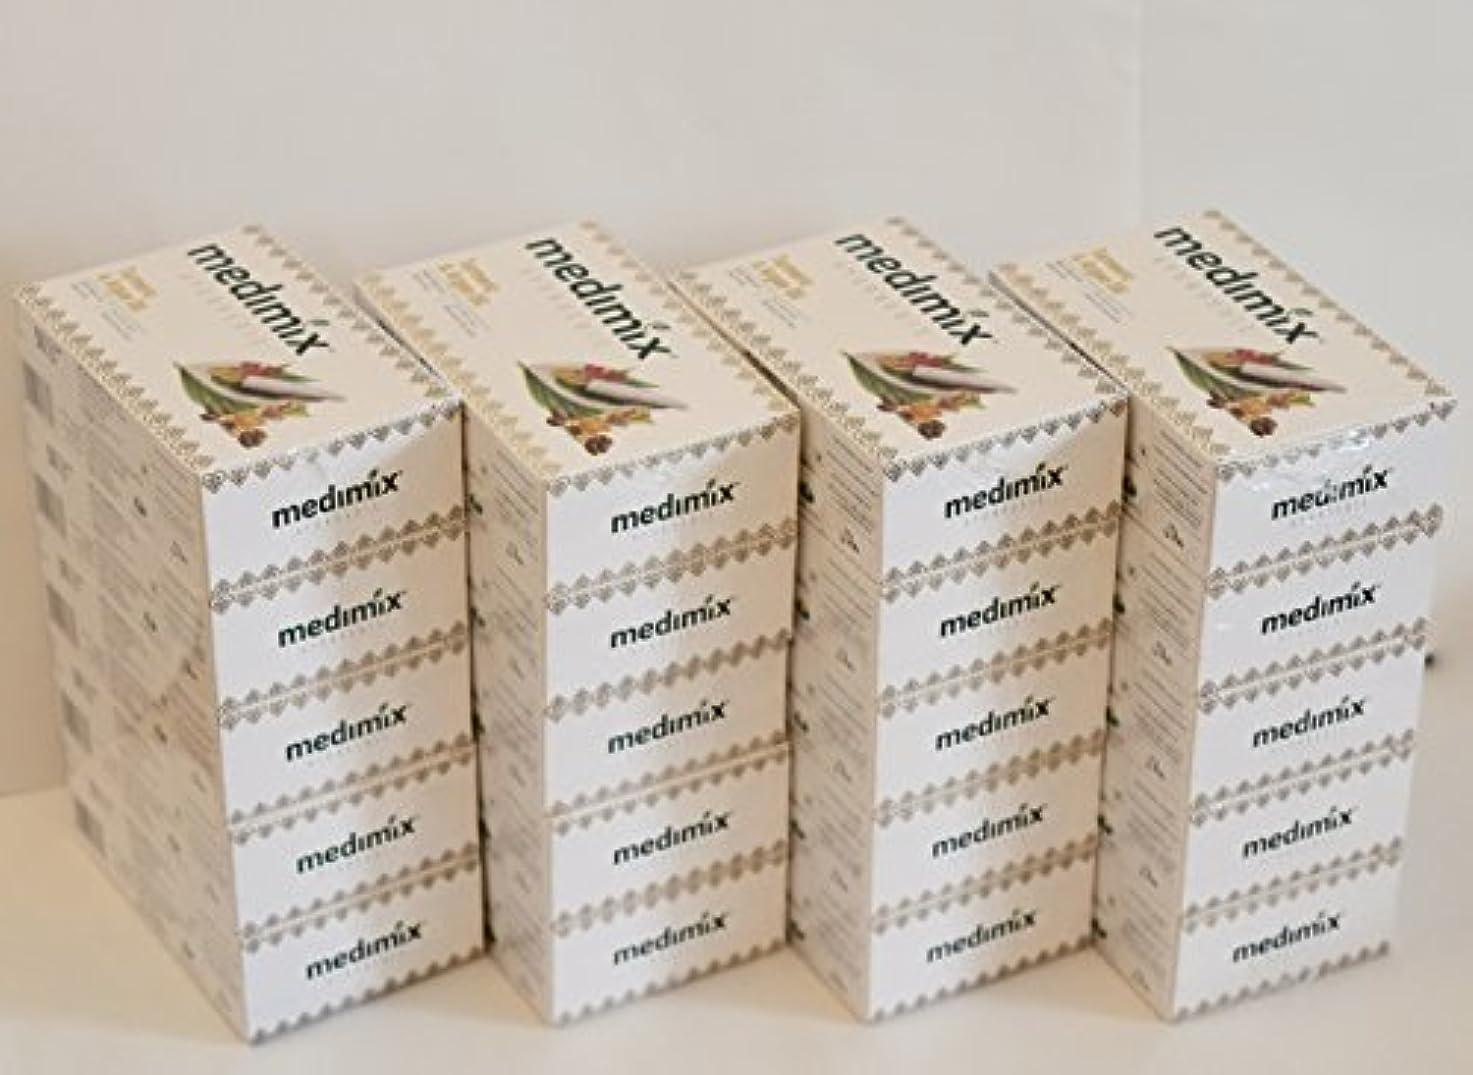 ピアノ合理的レッドデートMEDIMIX メディミックス アーユルヴェーダ ターメリック アンド アルガン石鹸(medimix AYURVEDA Turmeric & Argan) 125g 20個入り